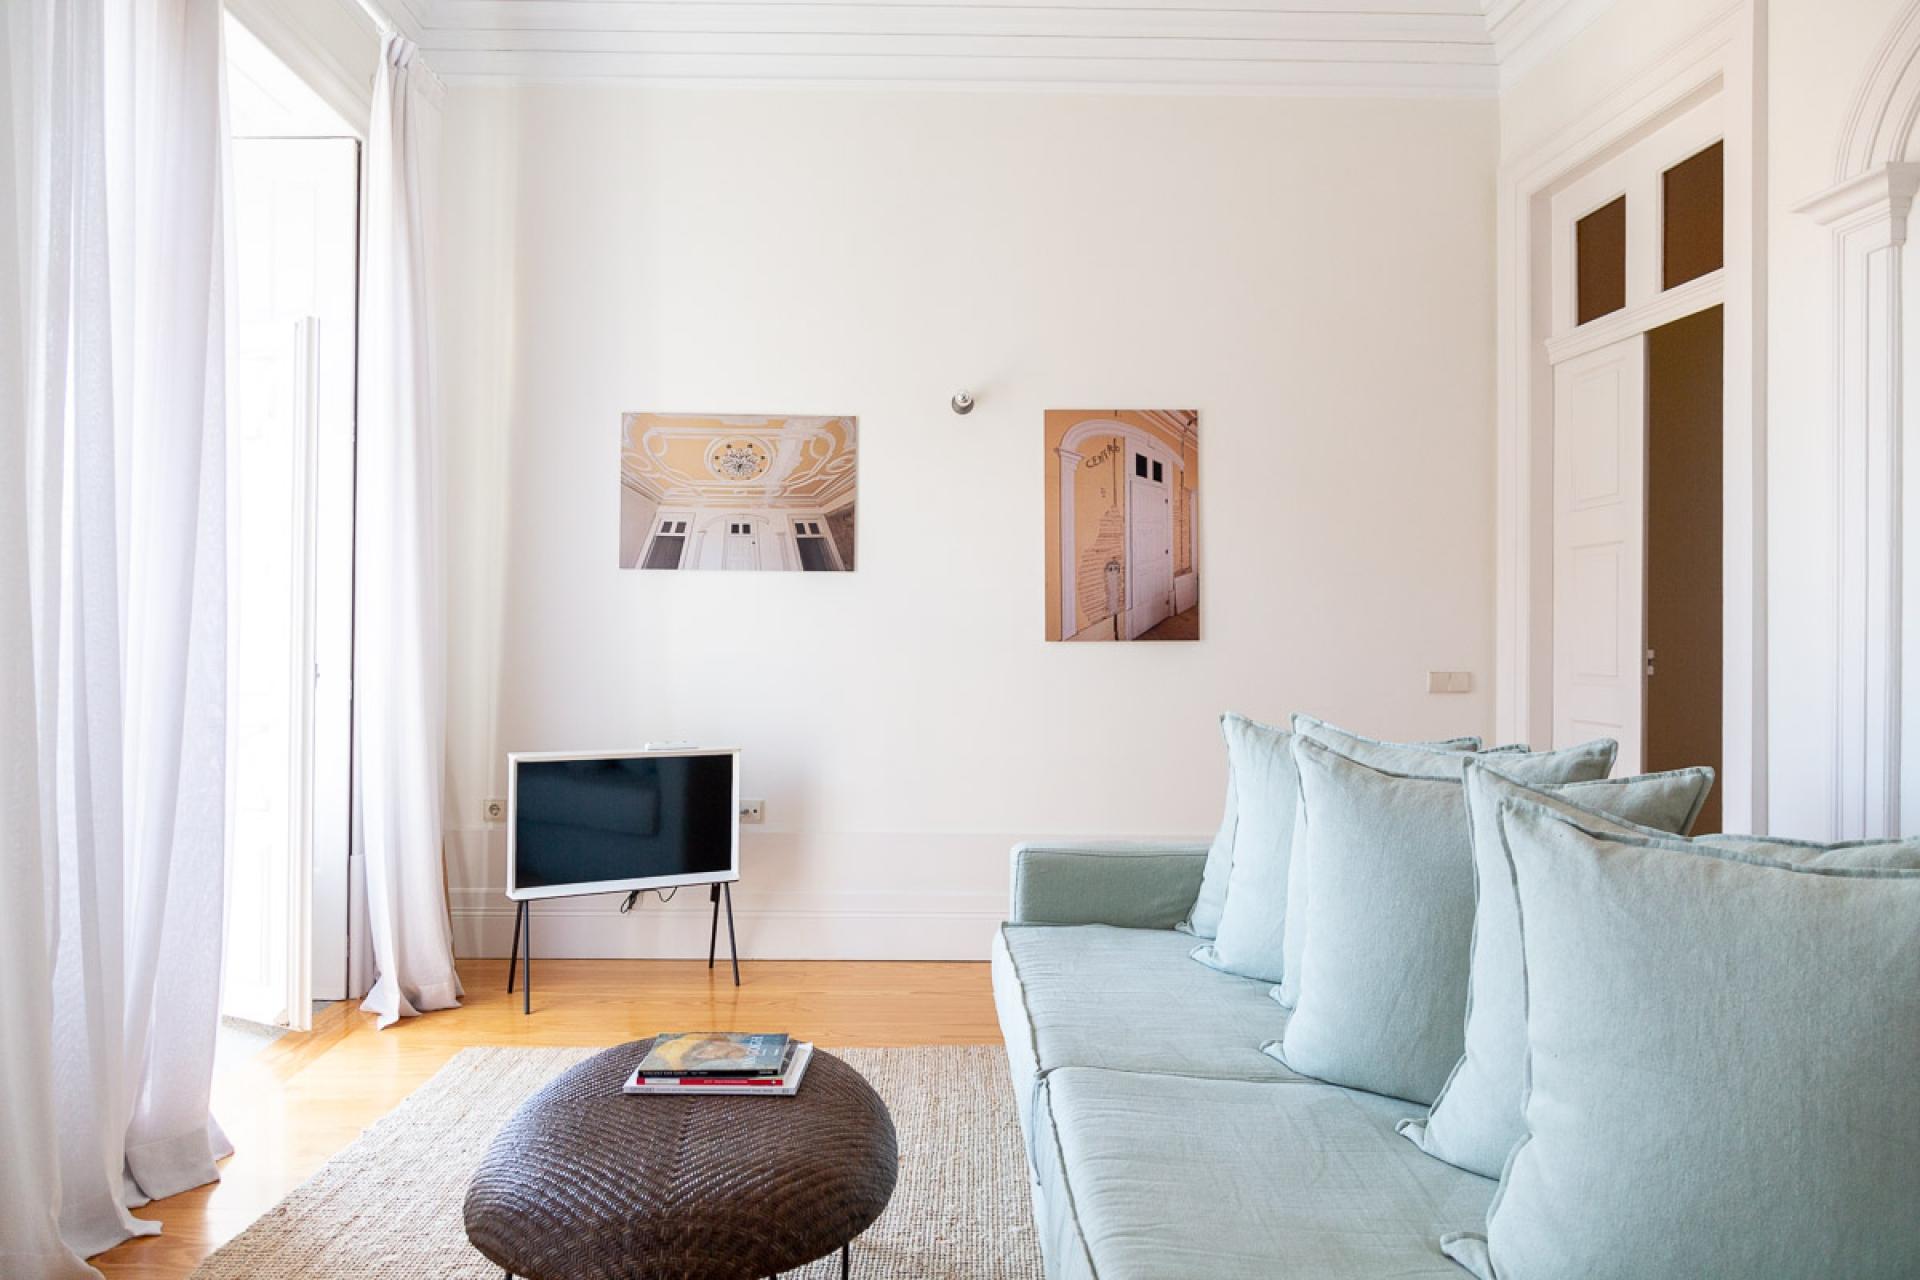 PortoCool_Dormir_B28 Apartments